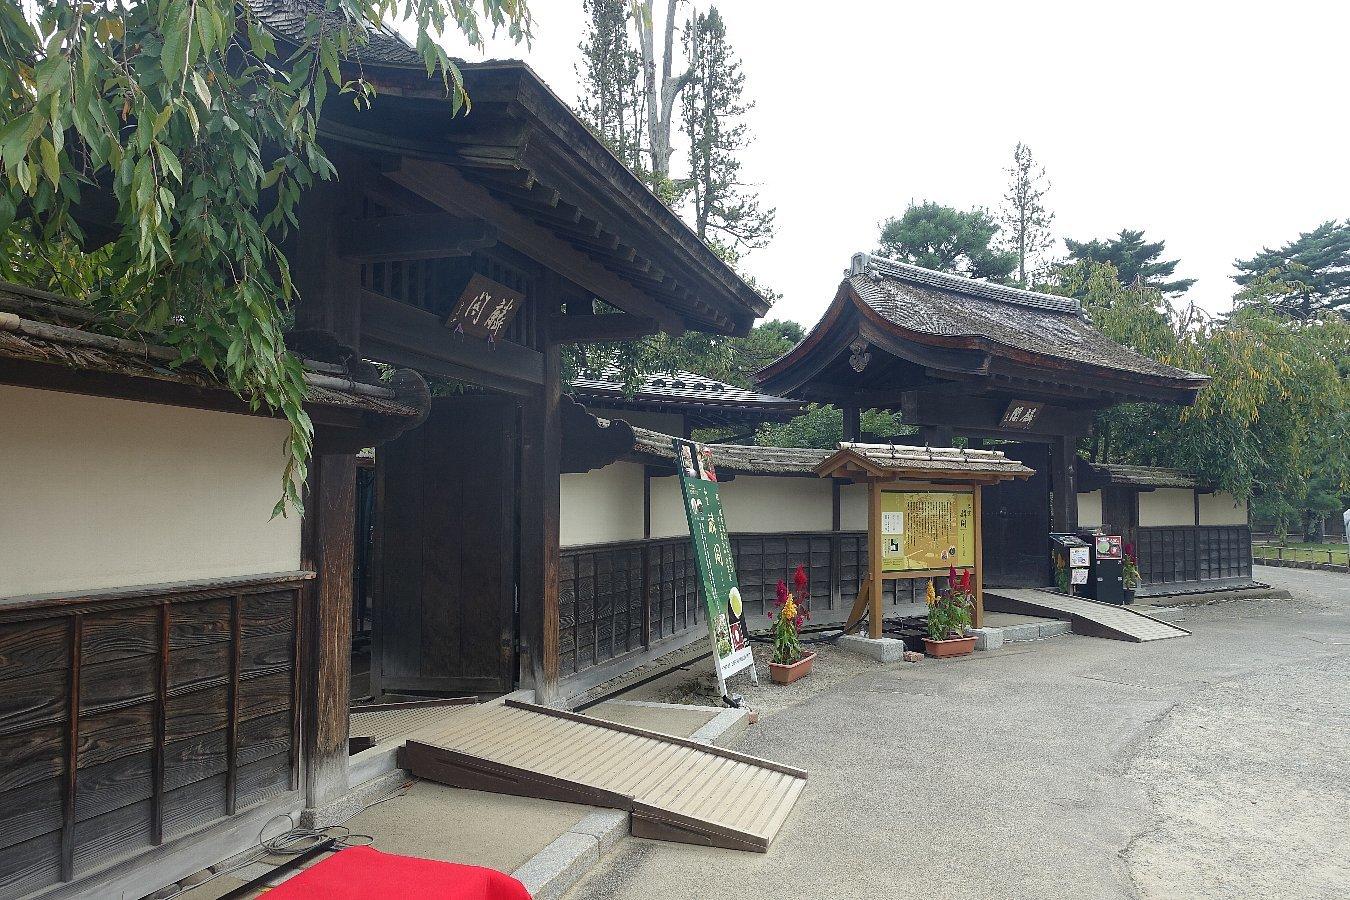 鶴ヶ城公園 茶室「麟閣」_c0112559_08295048.jpg